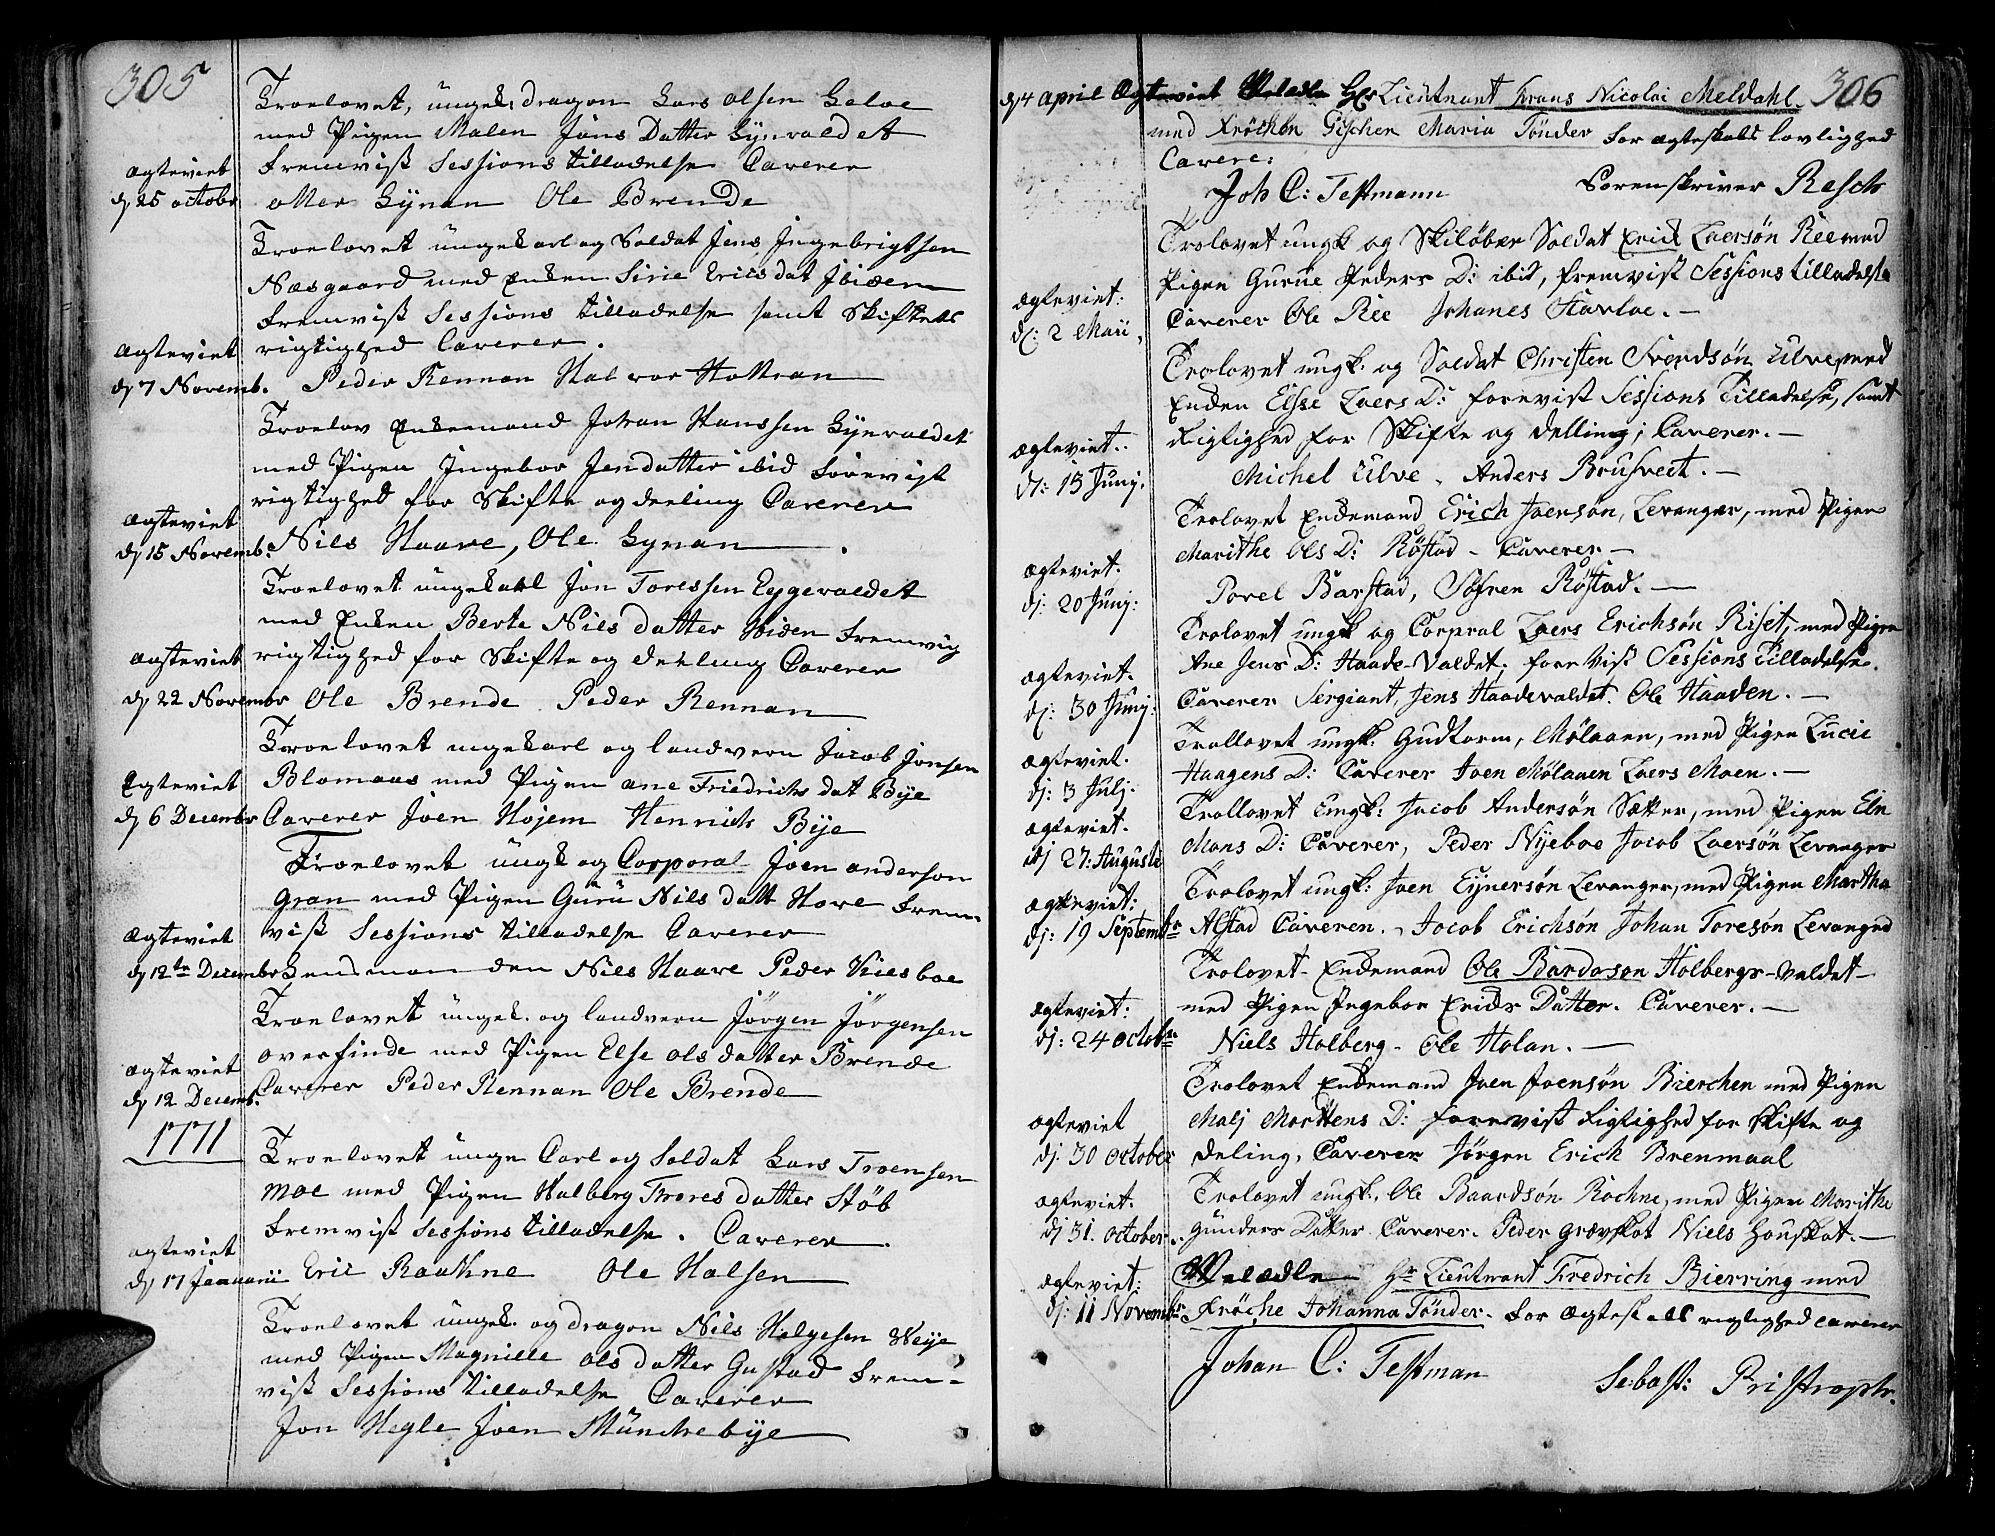 SAT, Ministerialprotokoller, klokkerbøker og fødselsregistre - Nord-Trøndelag, 717/L0141: Ministerialbok nr. 717A01, 1747-1803, s. 305-306